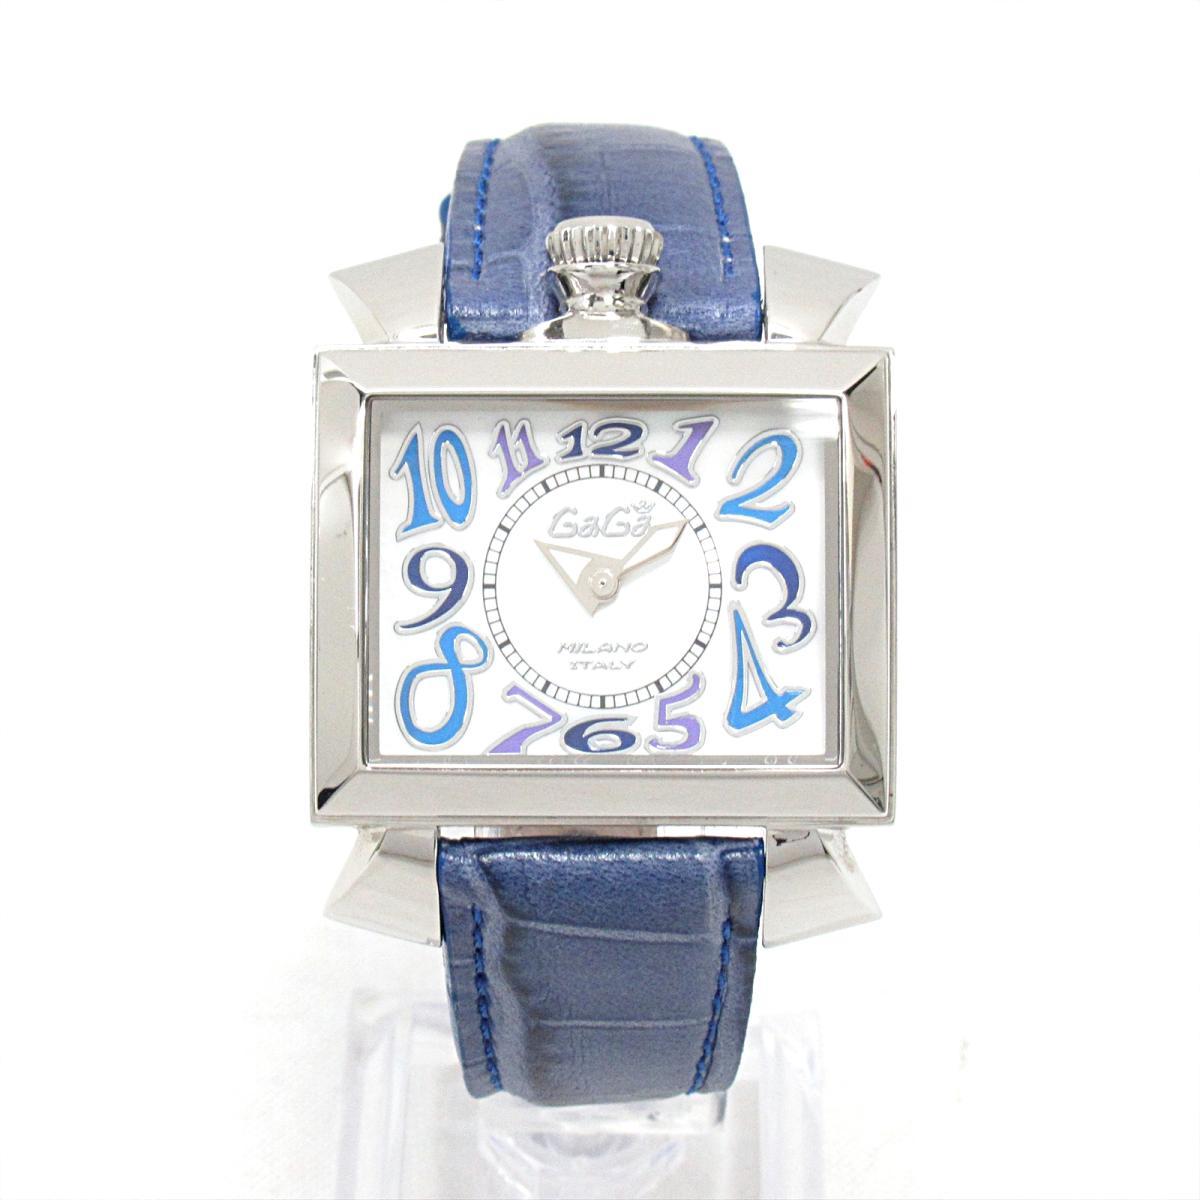 new style 82a67 b3bbe 中古】ガガミラノ ナポレオン 腕時計 ウォッチ 時計 メンズ ...